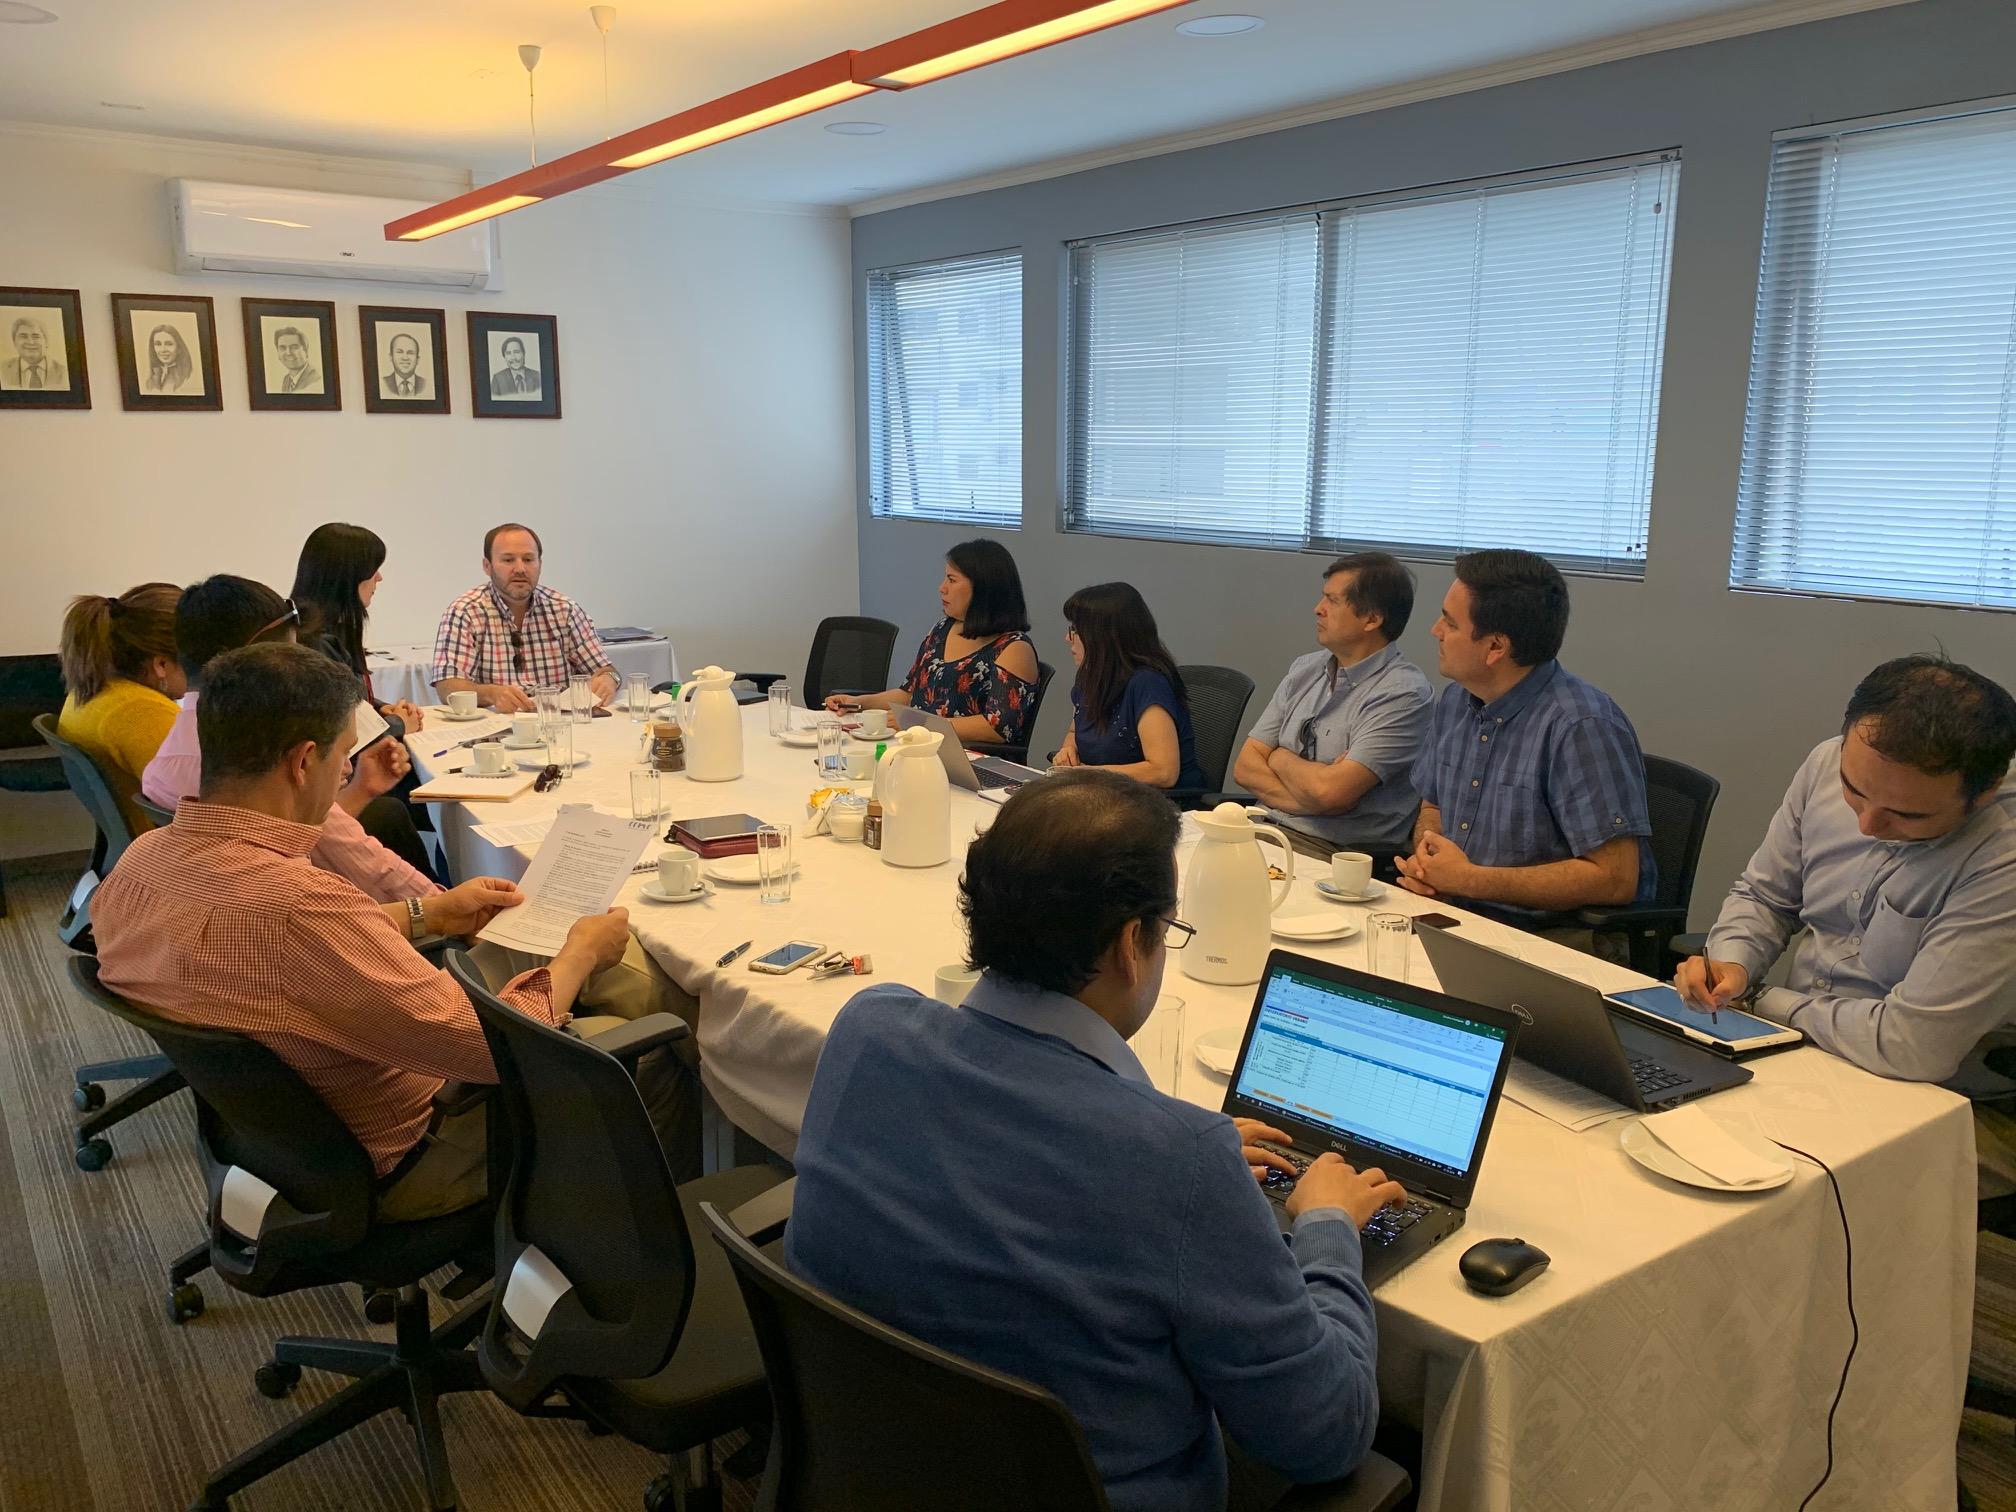 Socios sostuvieron primera reunión del nuevo Comité de <mark>Vivienda</mark> CChC Antofagasta noticias